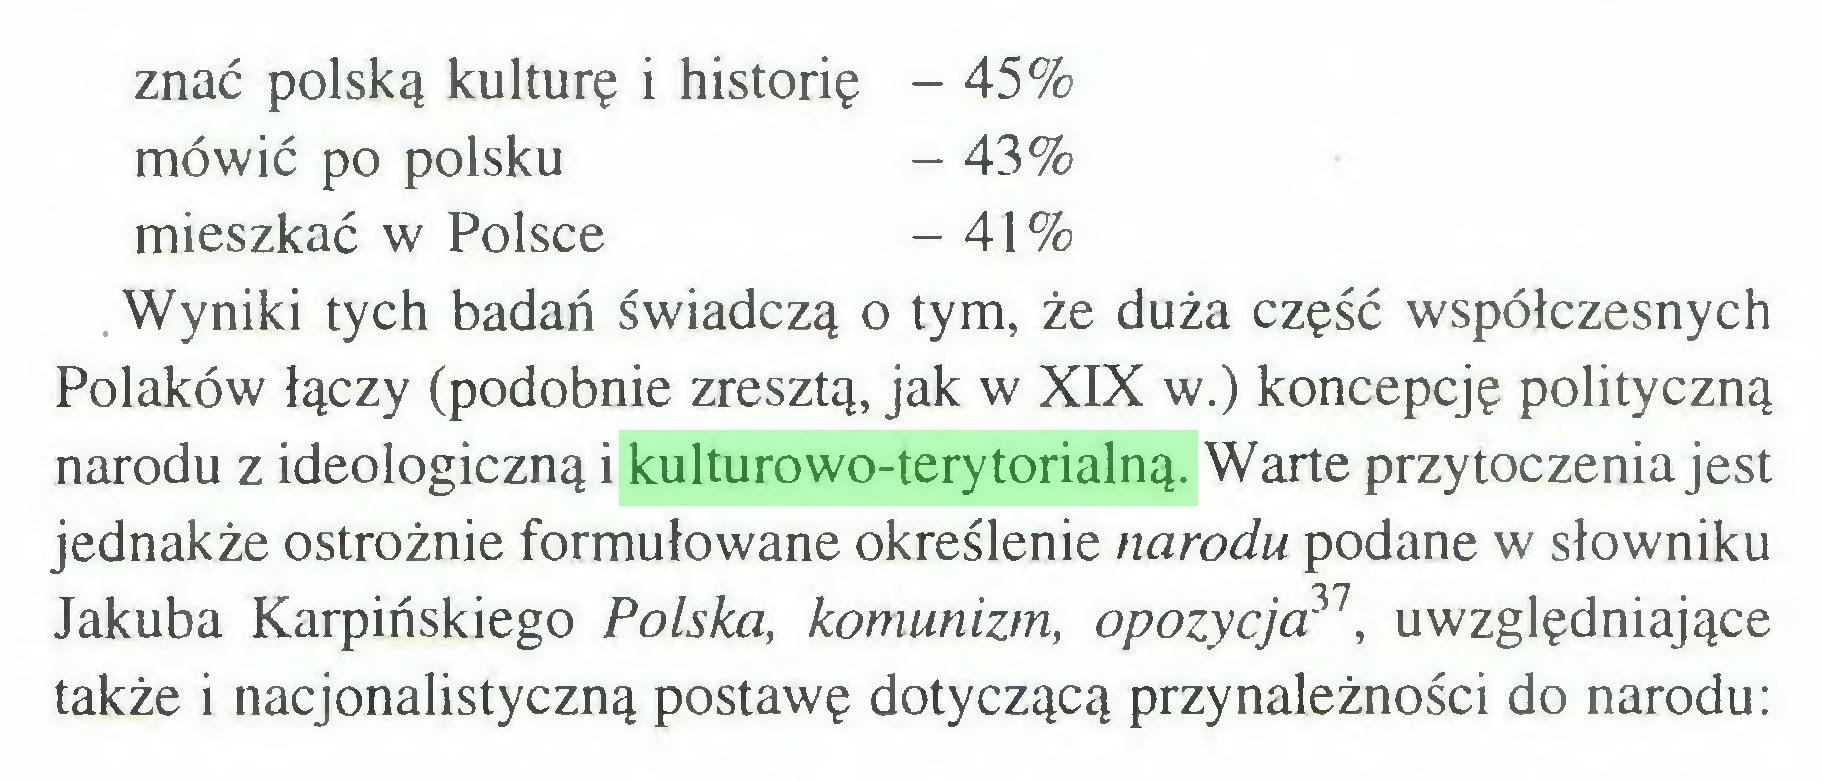 (...) znać polską kulturę i historię - 45% mówić po polsku - 43% mieszkać w Polsce - 41% Wyniki tych badań świadczą o tym, że duża część współczesnych Polaków łączy (podobnie zresztą, jak w XIX w.) koncepcję polityczną narodu z ideologiczną i kulturowo-terytorialną. Warte przytoczenia jest jednakże ostrożnie formułowane określenie narodu podane w słowniku Jakuba Karpińskiego Polska, komunizm, opozycja31uwzględniające także i nacjonalistyczną postawę dotyczącą przynależności do narodu:...